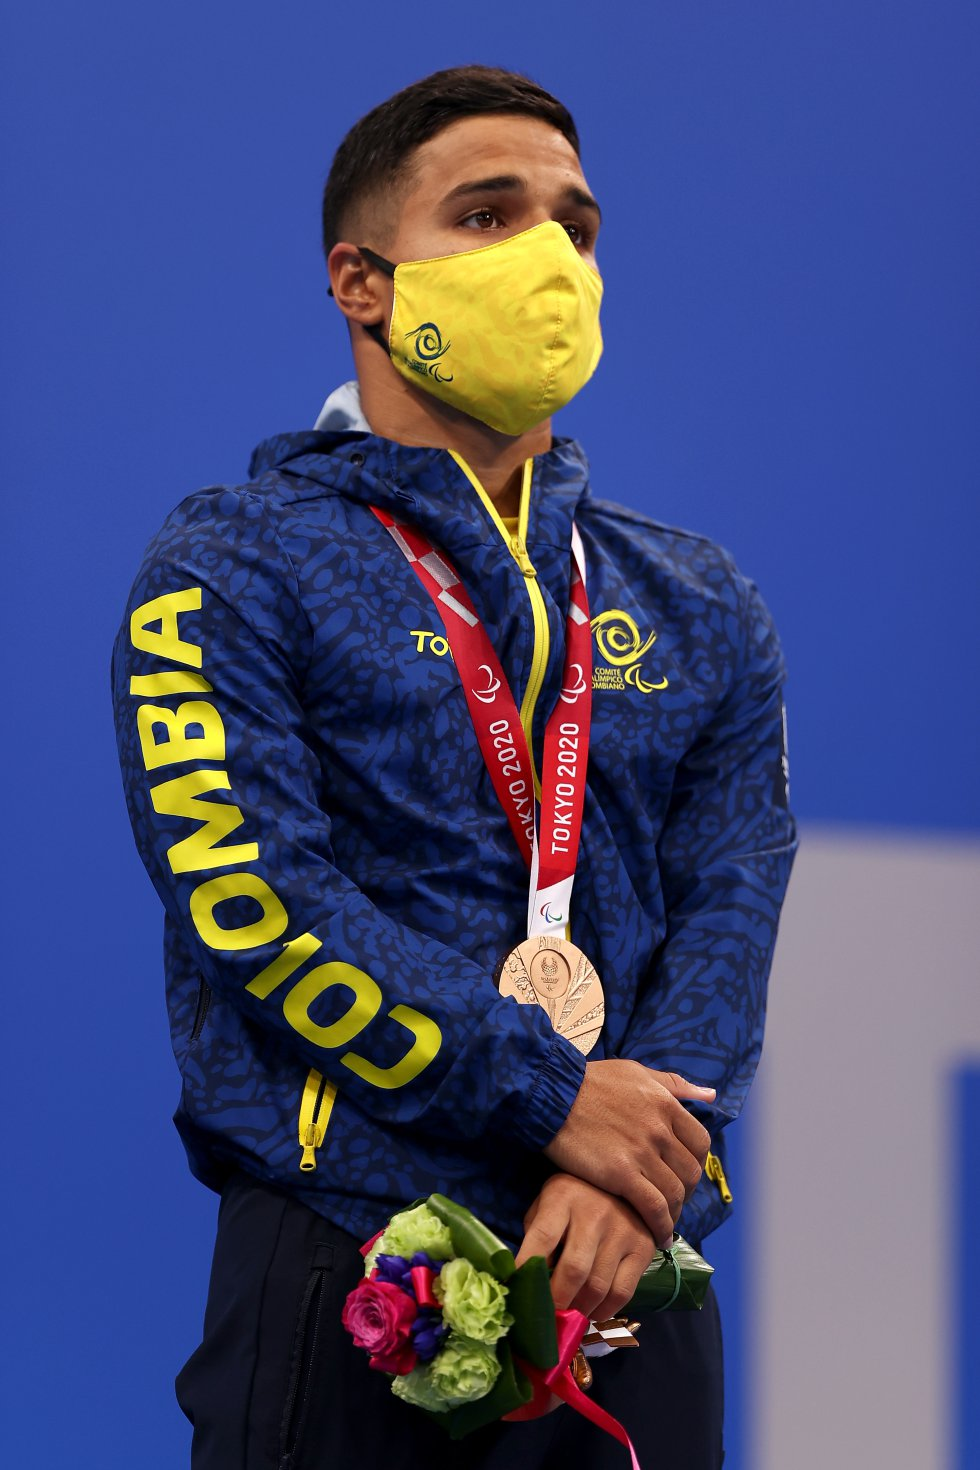 Carlos Daniel Serrano en los Juegos Paralímpicos de Tokio